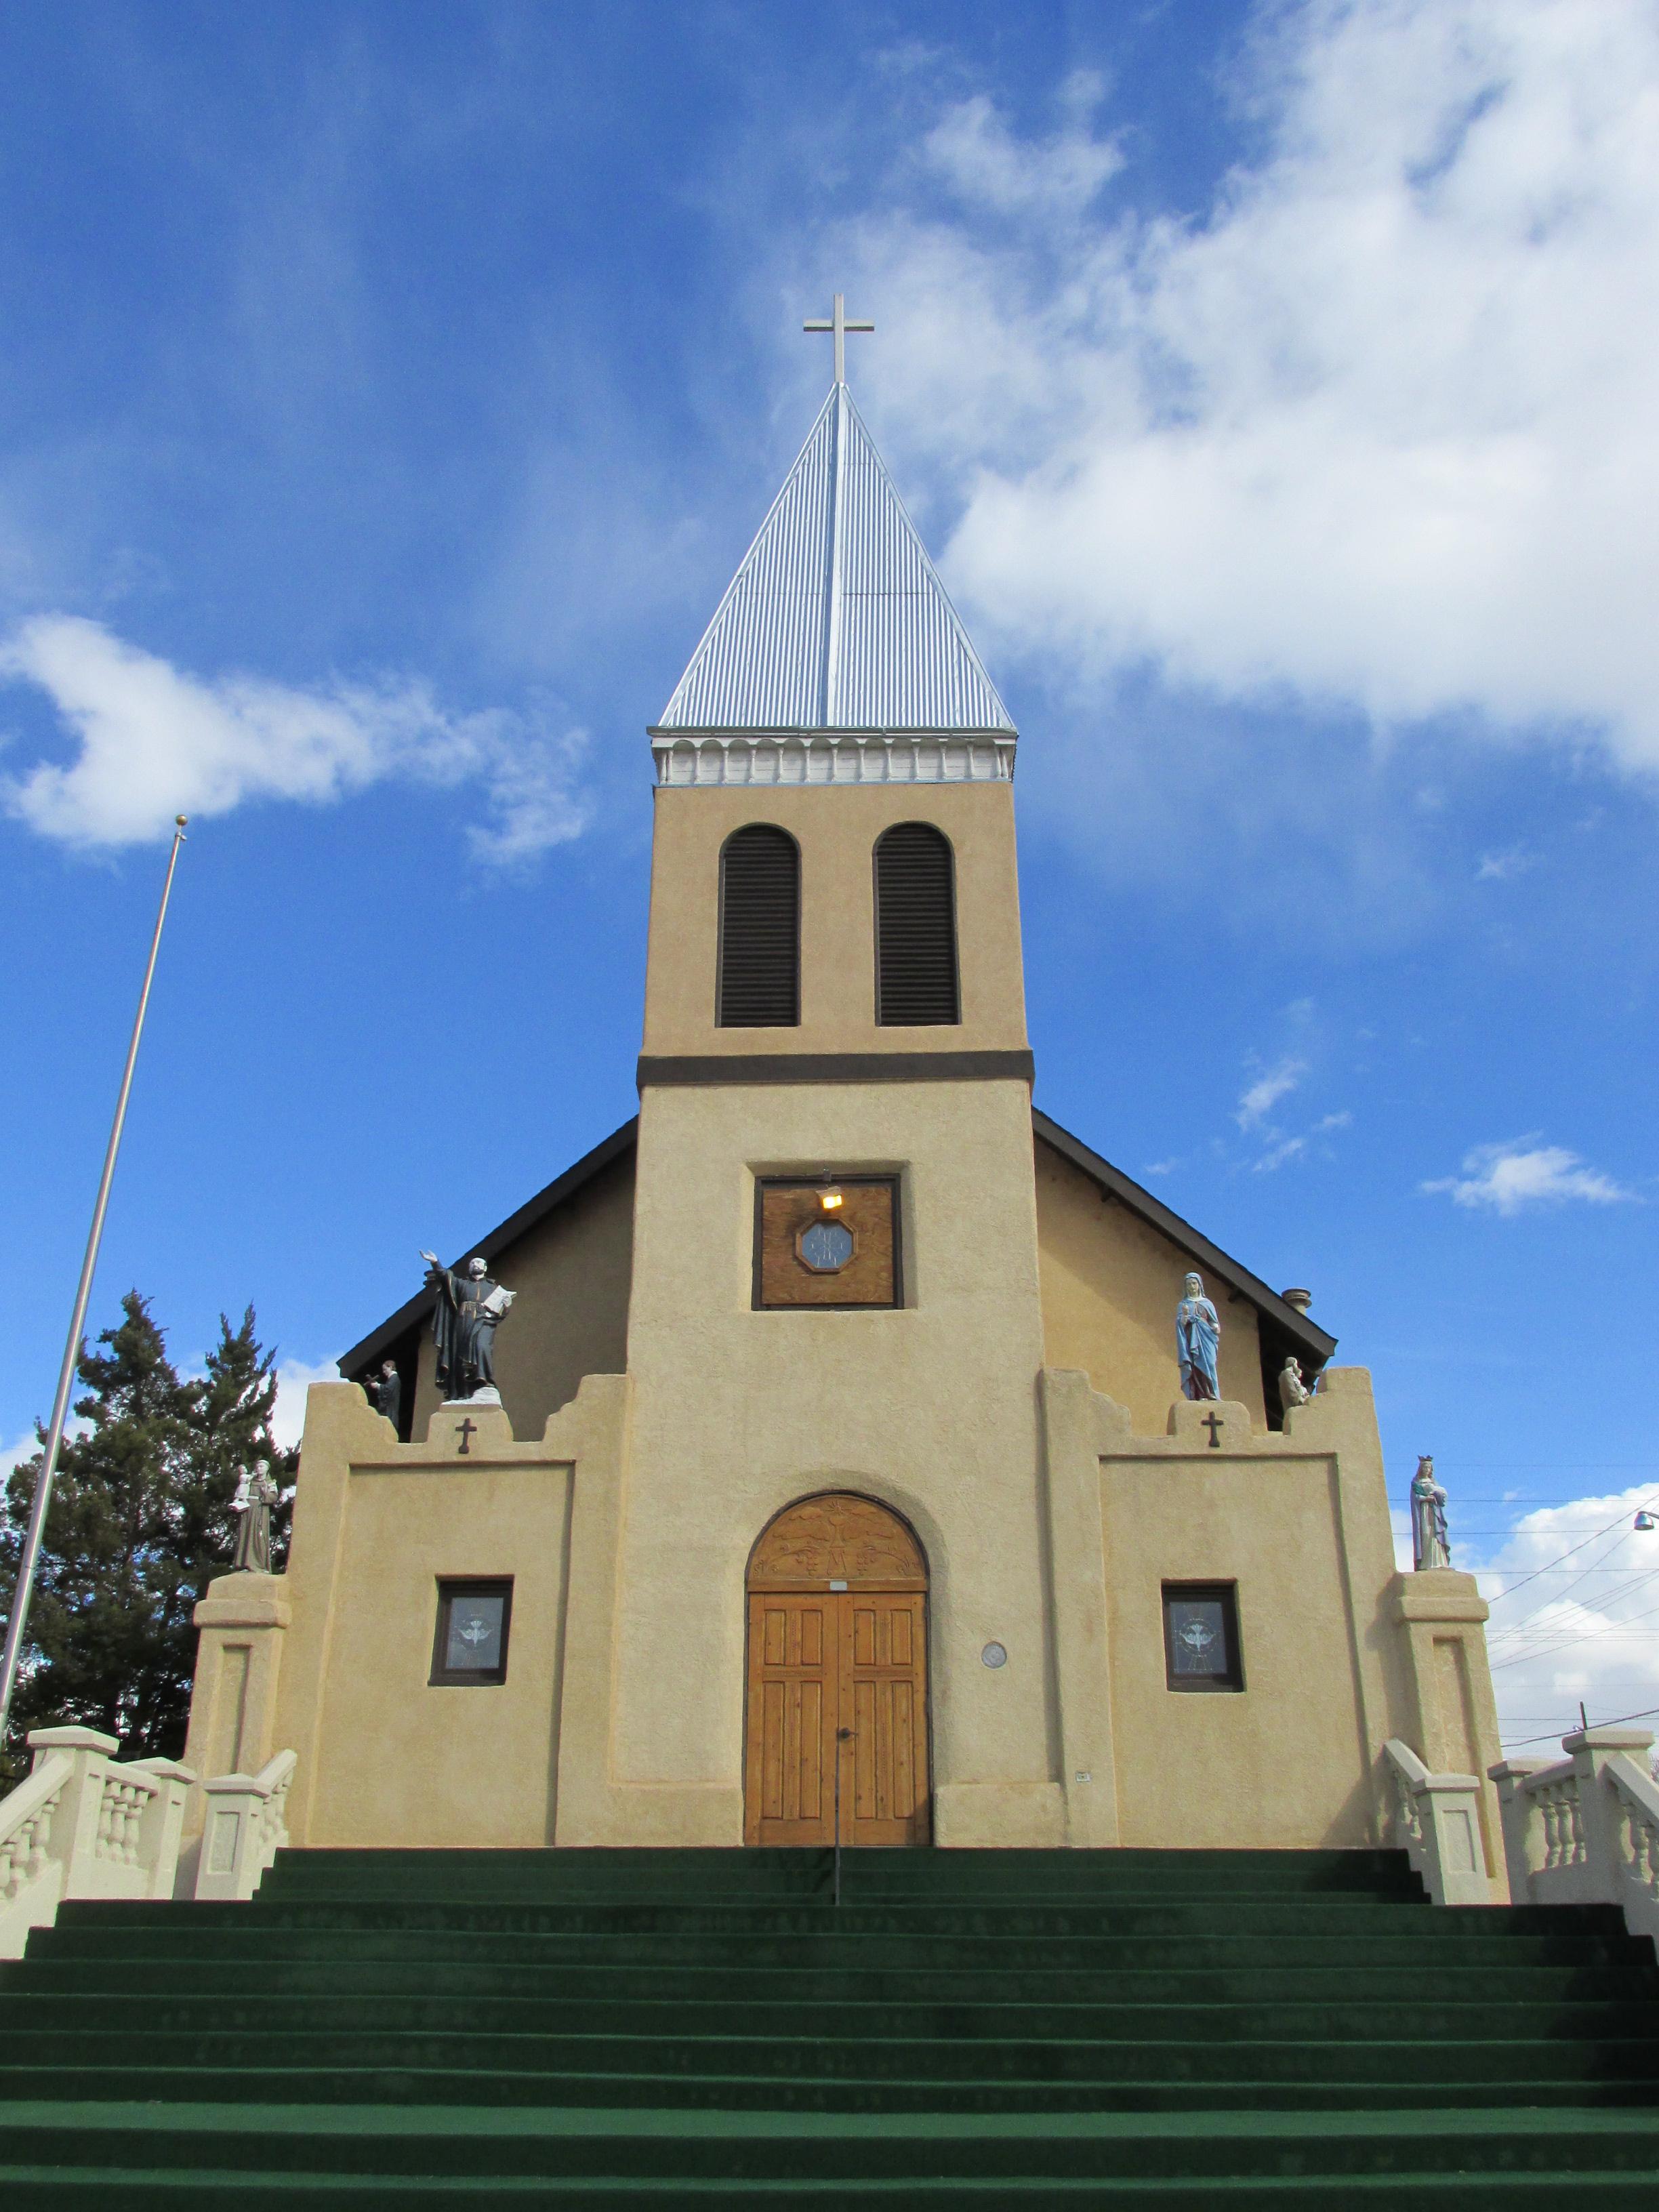 FileFront San Ignacio Church Albuquerque NMjpg